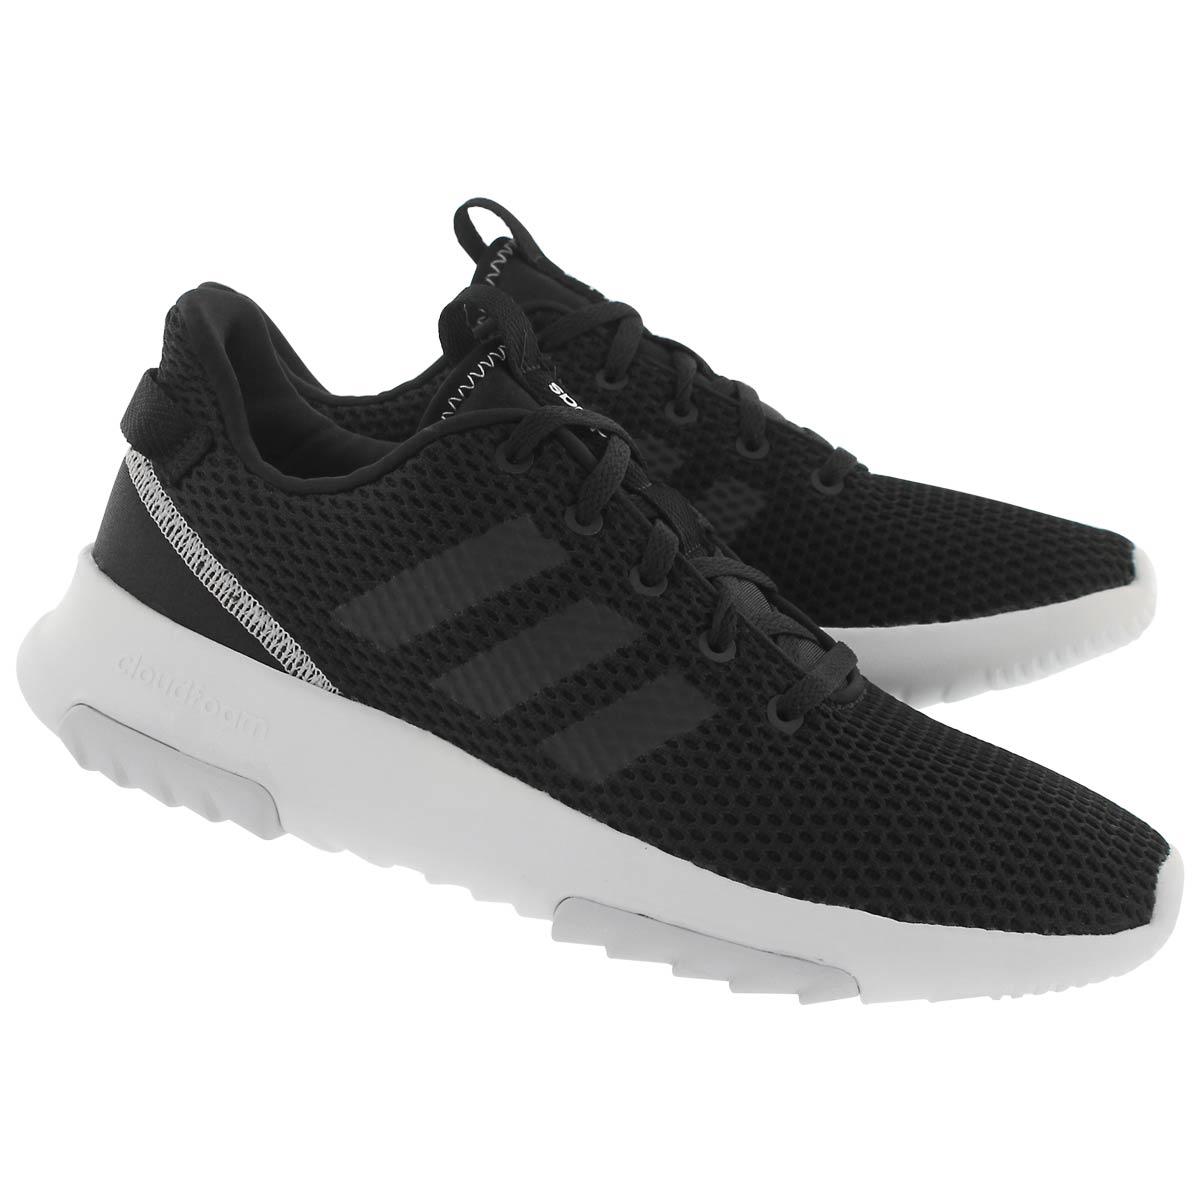 Lds Cloudfoam Racer TR blk running shoe